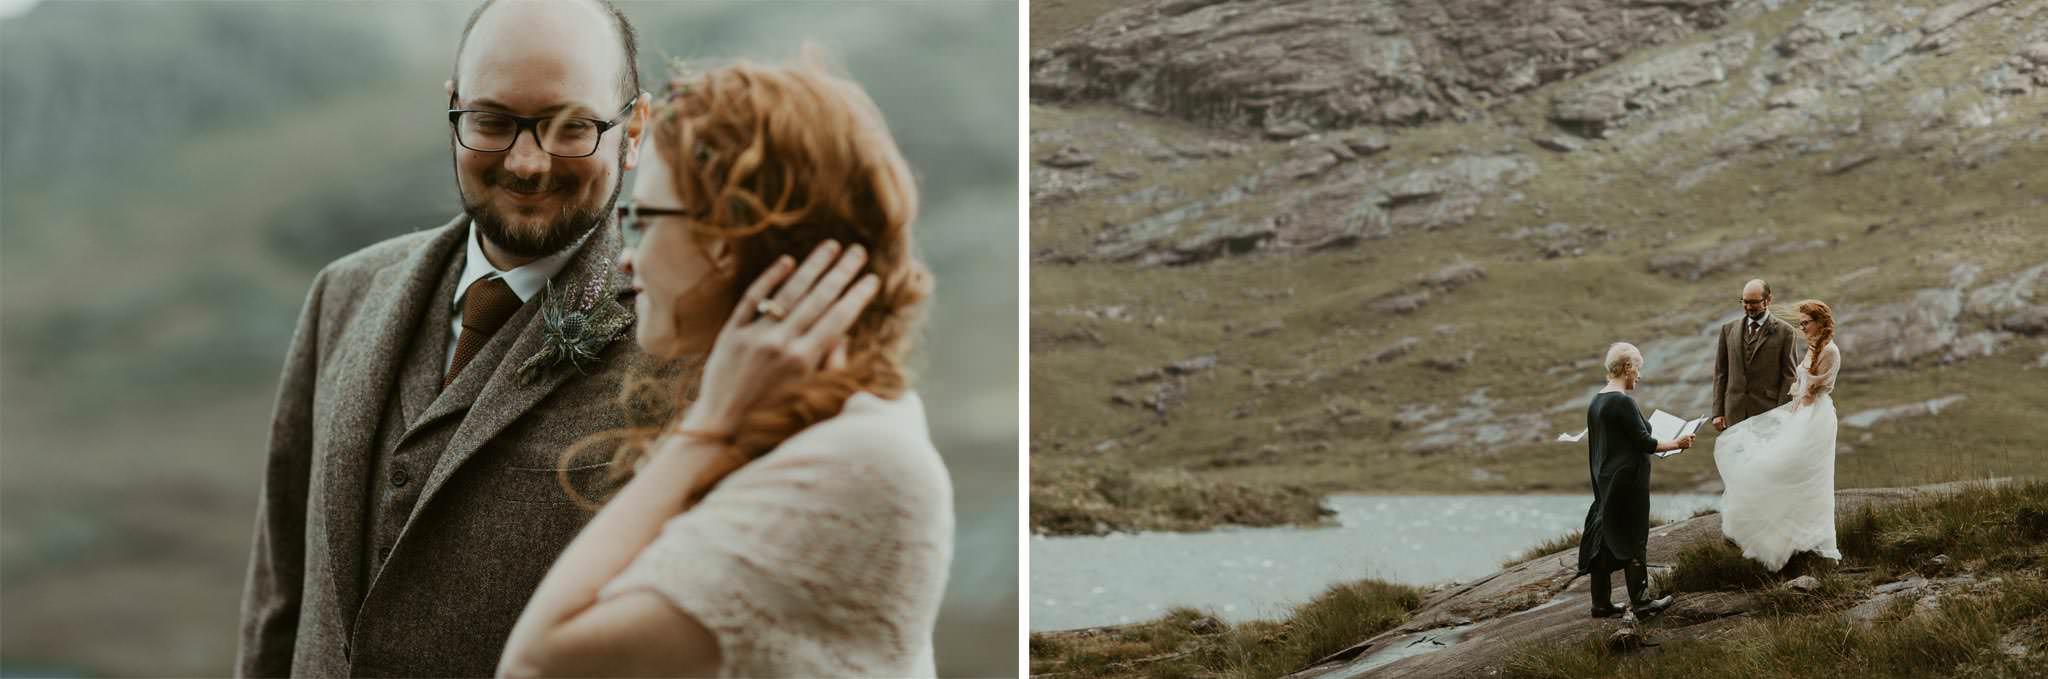 isle-of-skye-elopement-wedding-035